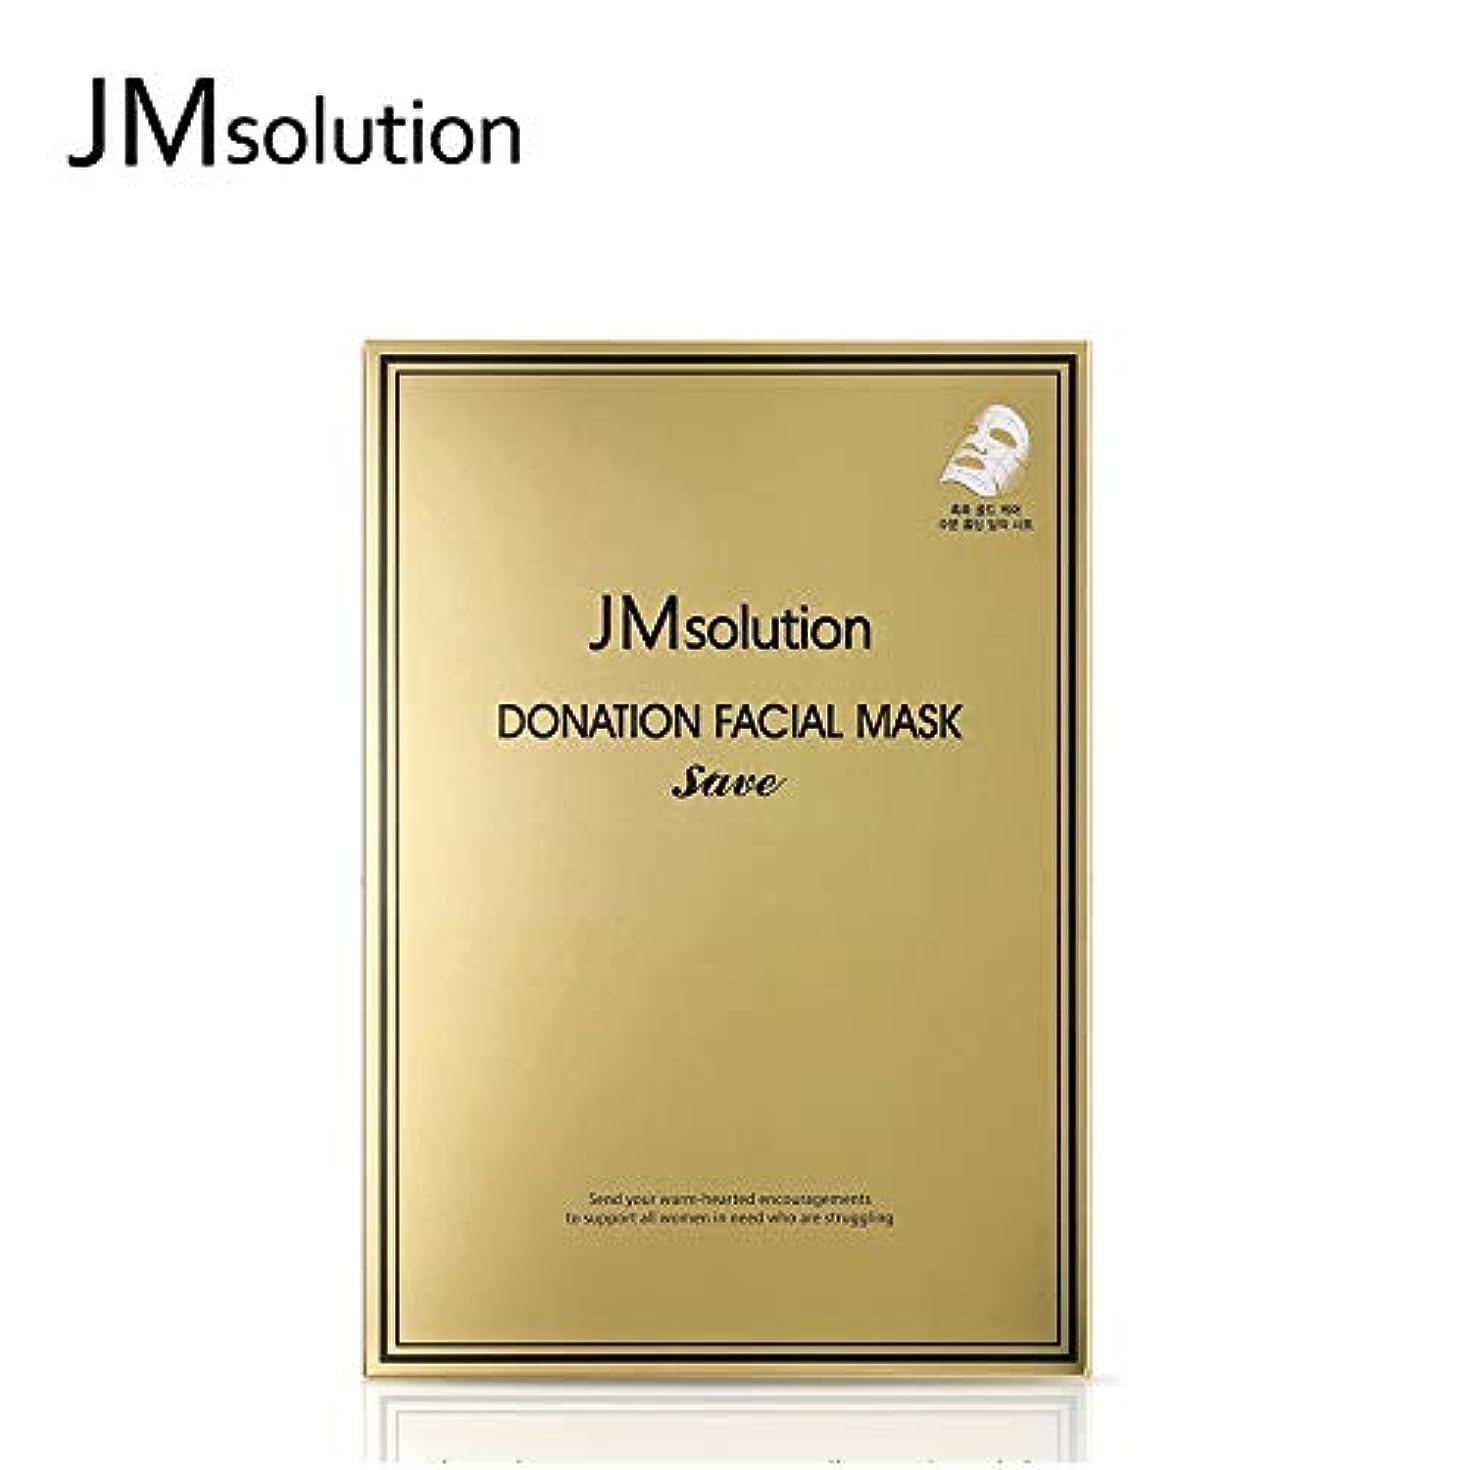 マッサージ提唱するターミナル[JM Solution/JMソリューション] Donation Facial Masks - Save/顔シートマスクセット 10Sheets [韓国産 ]